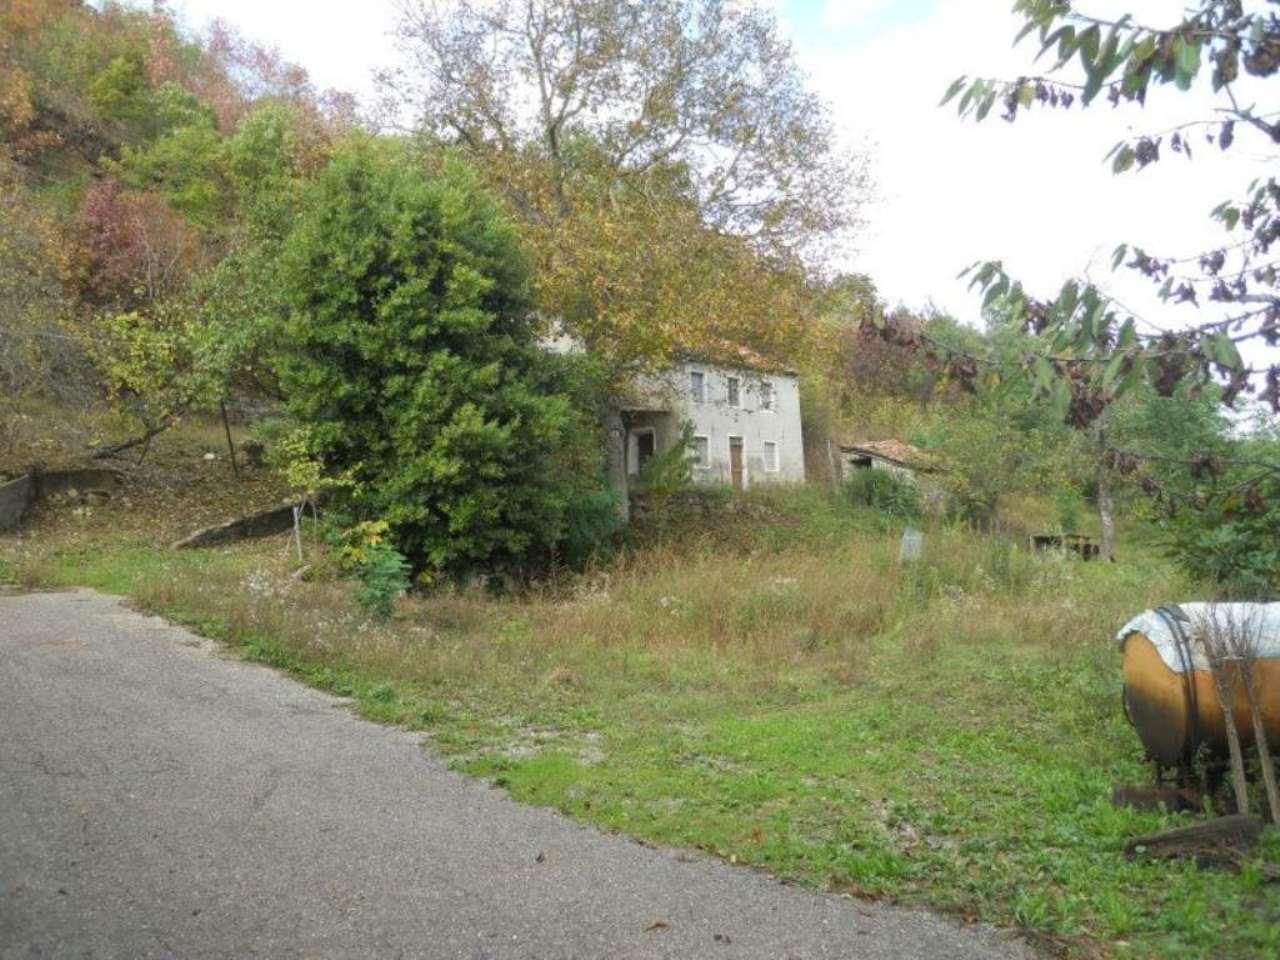 Rustico / Casale in vendita a Cantalupo Ligure, 9999 locali, prezzo € 45.000 | CambioCasa.it